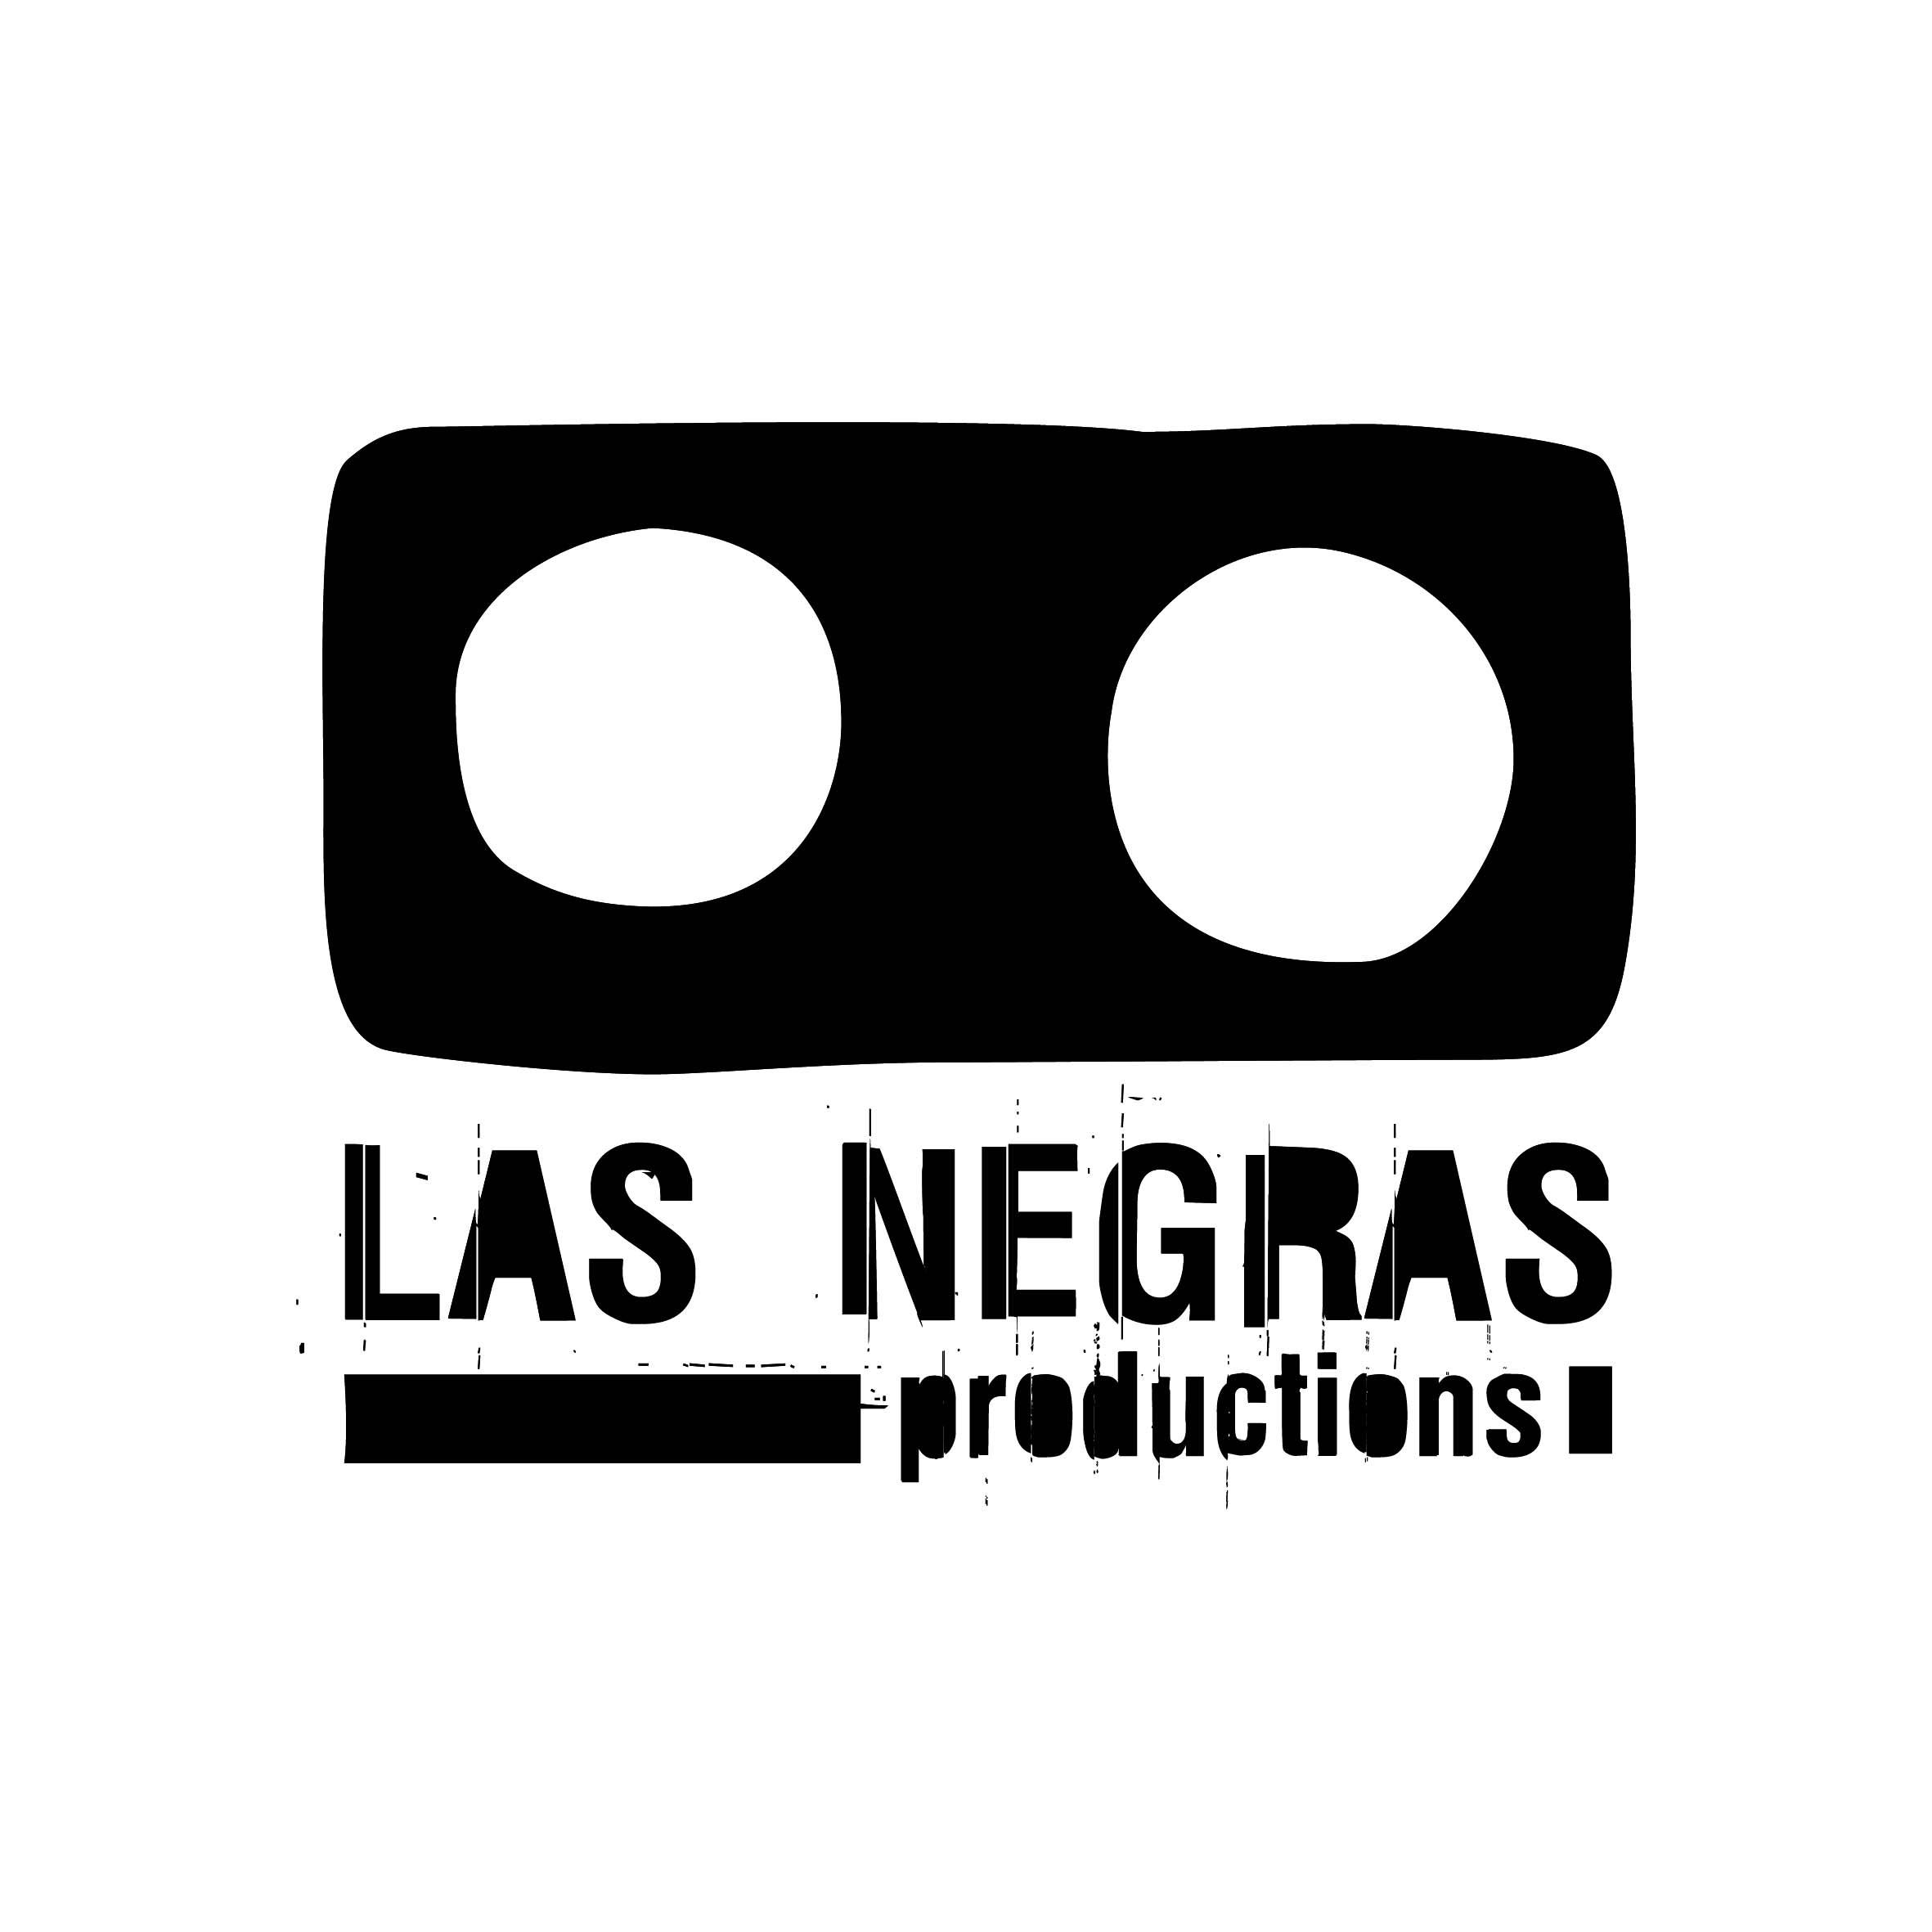 Las Negras Productions